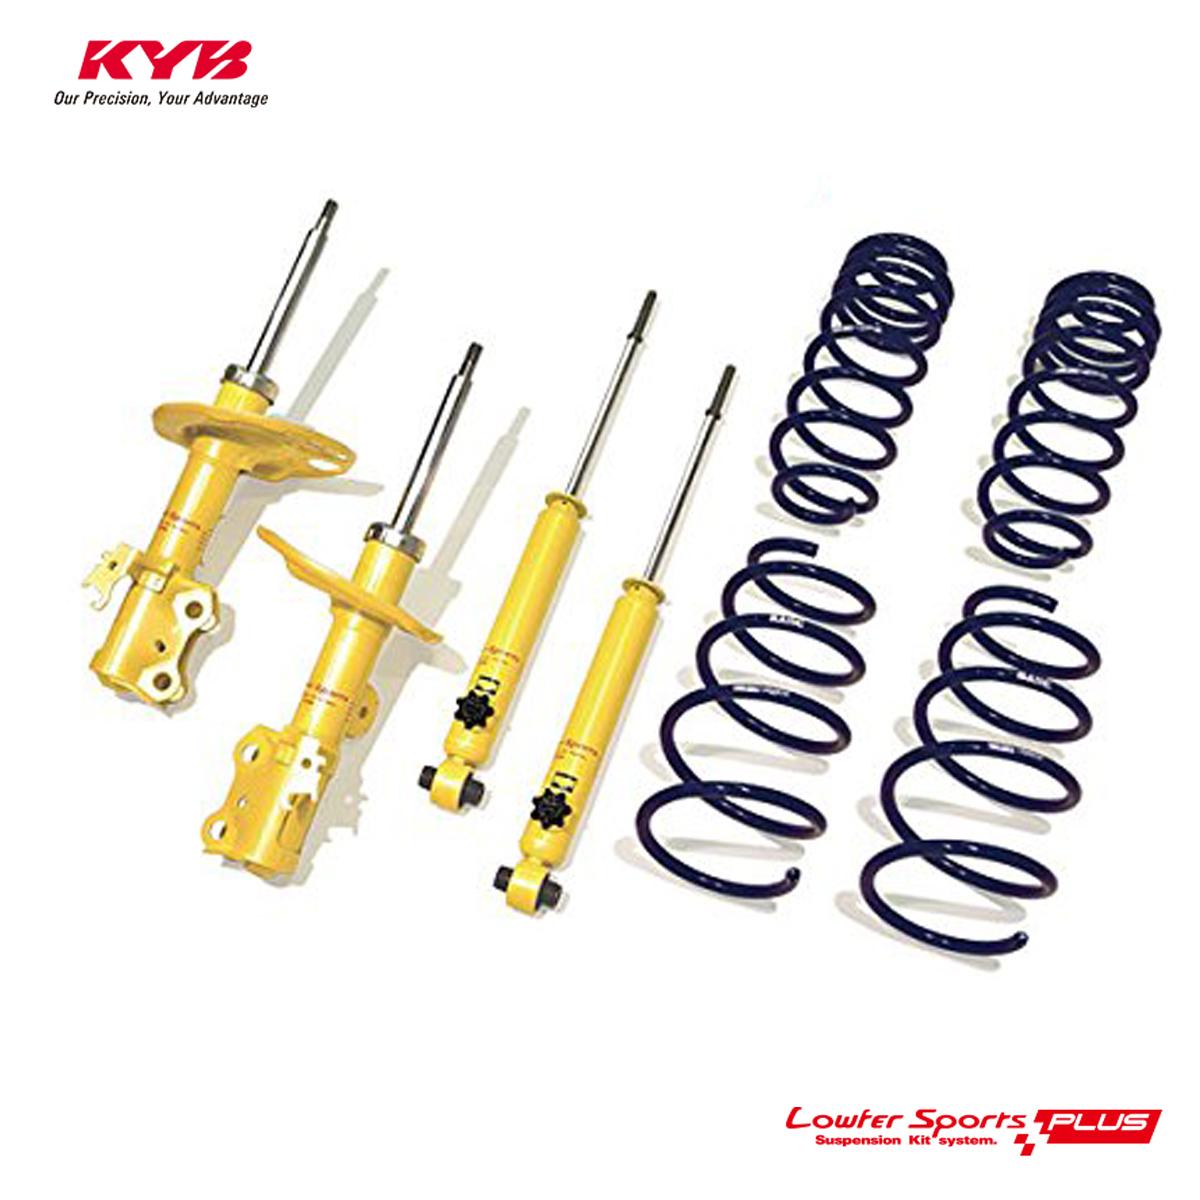 KYB カヤバ エスティマ GSR50W ショックアブソーバー サスペンションキット LOWFER SPORTS PLUS LKIT1-GSR50W 配送先条件有り